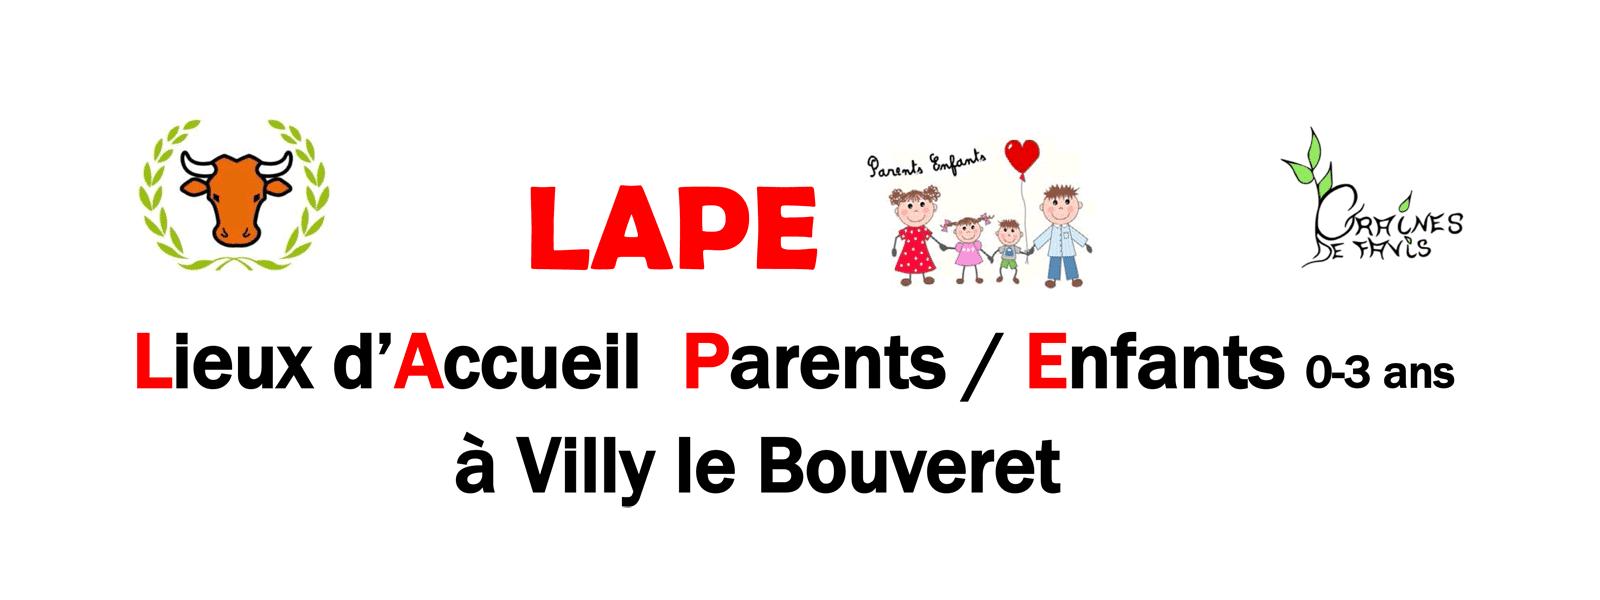 Lieu d'Accueil Parents/Enfants (0-3 ans) à Villy-le-Bouveret